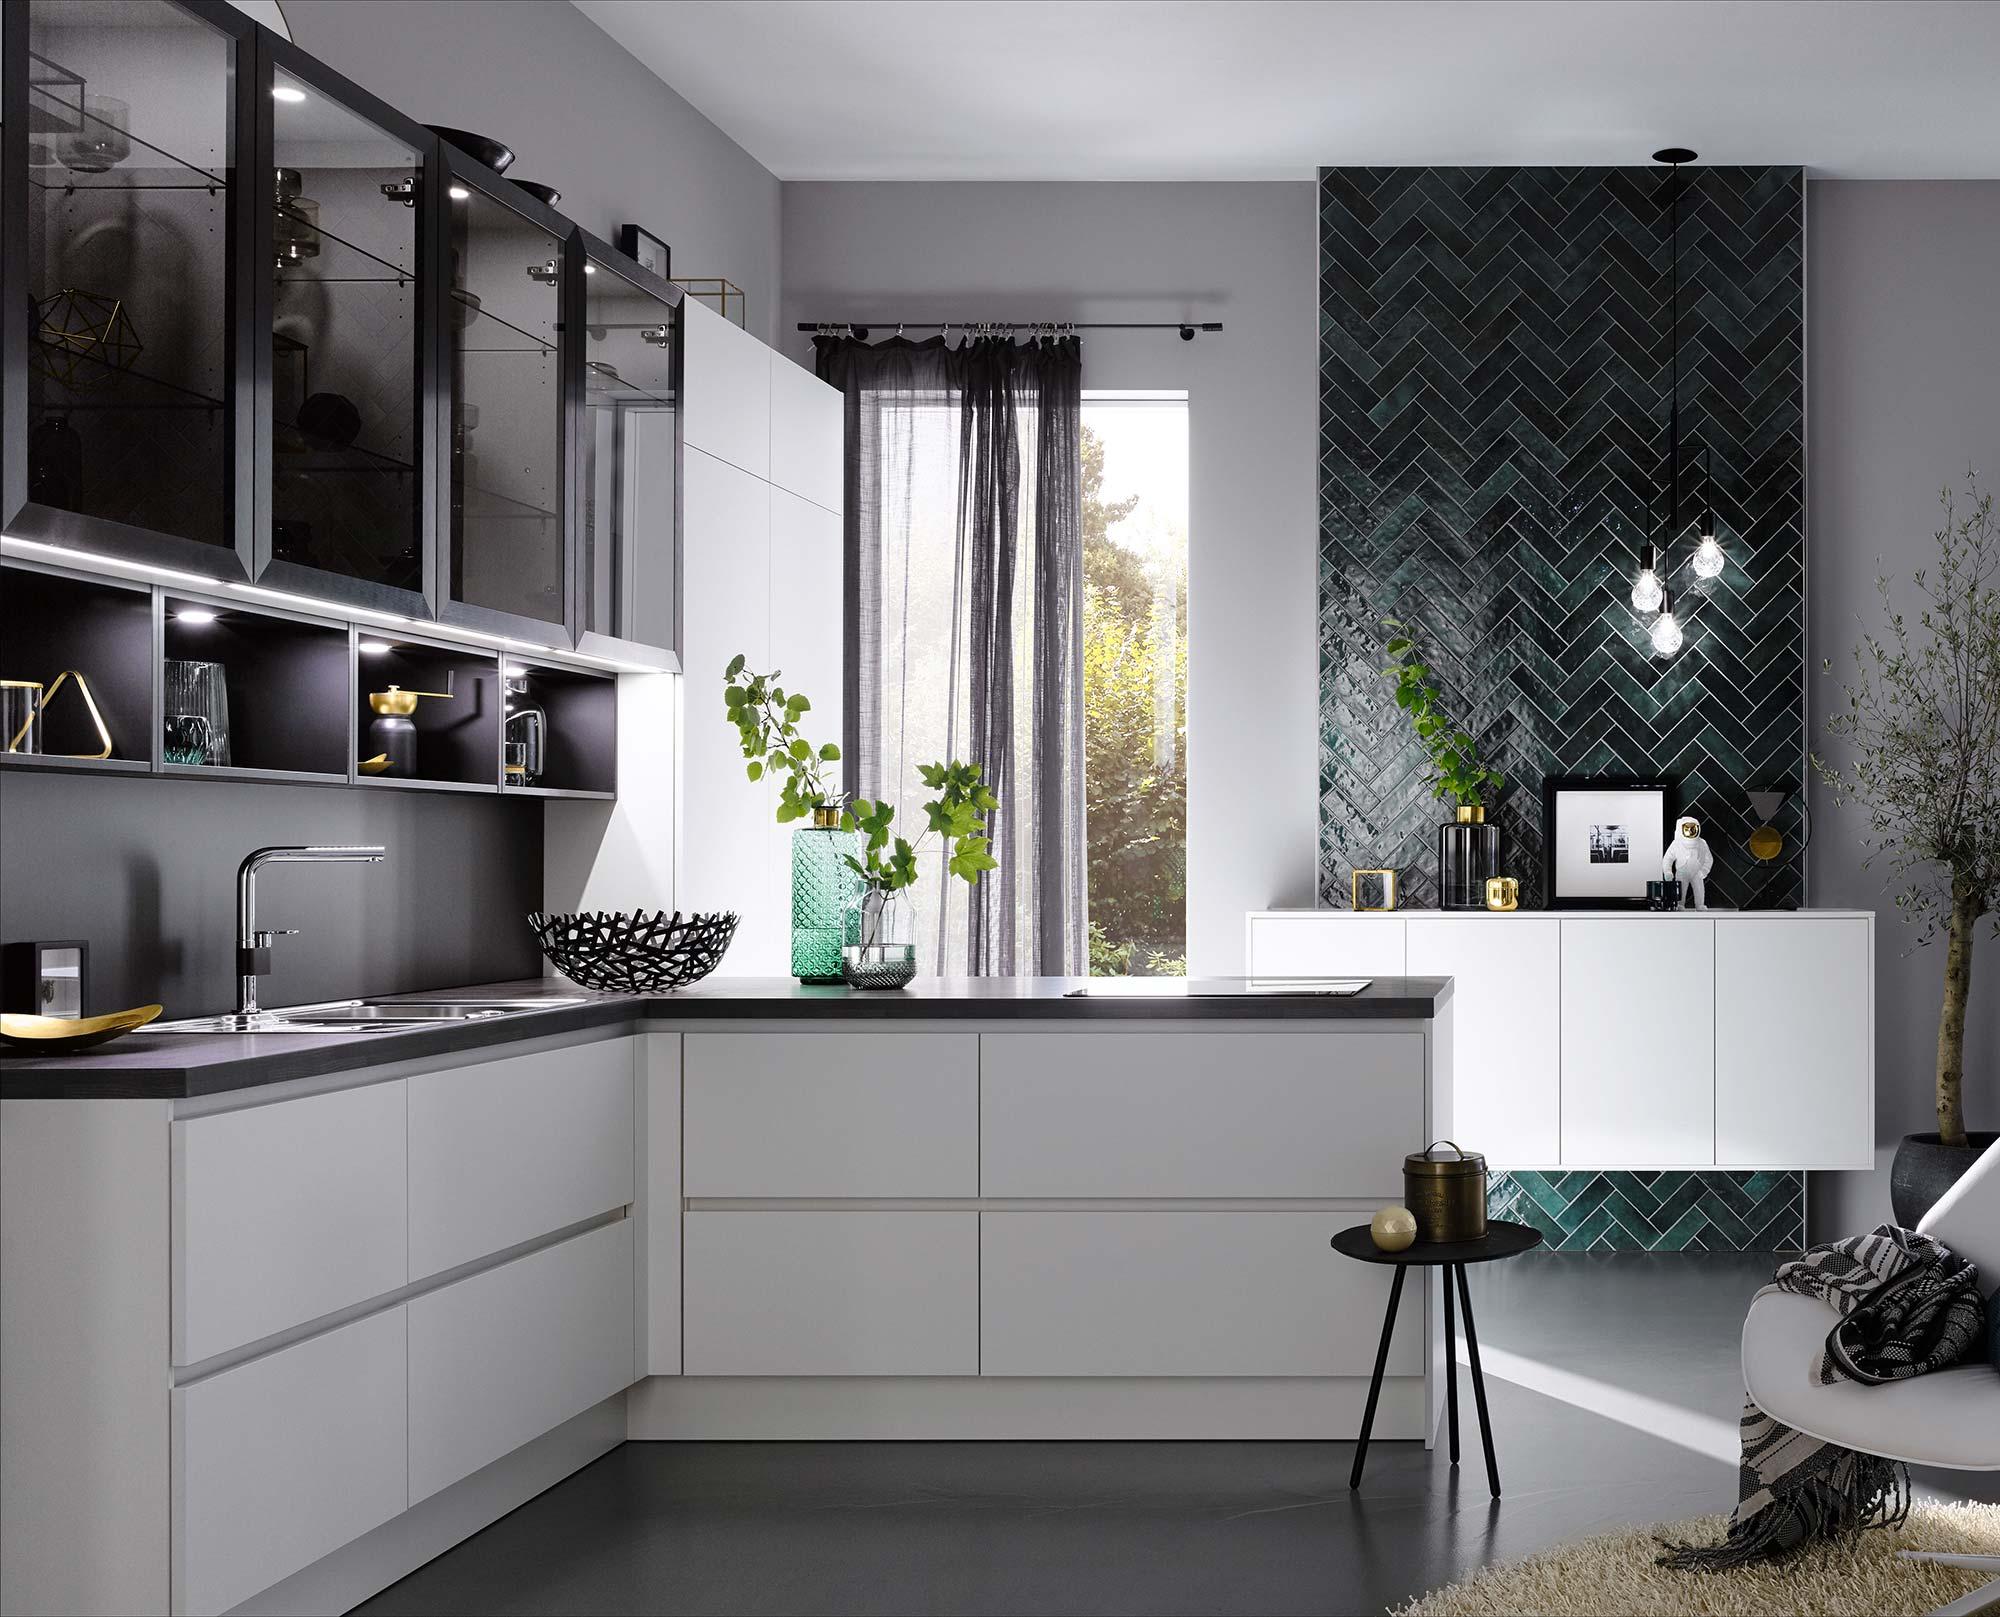 Moderne keukens voortman keukens